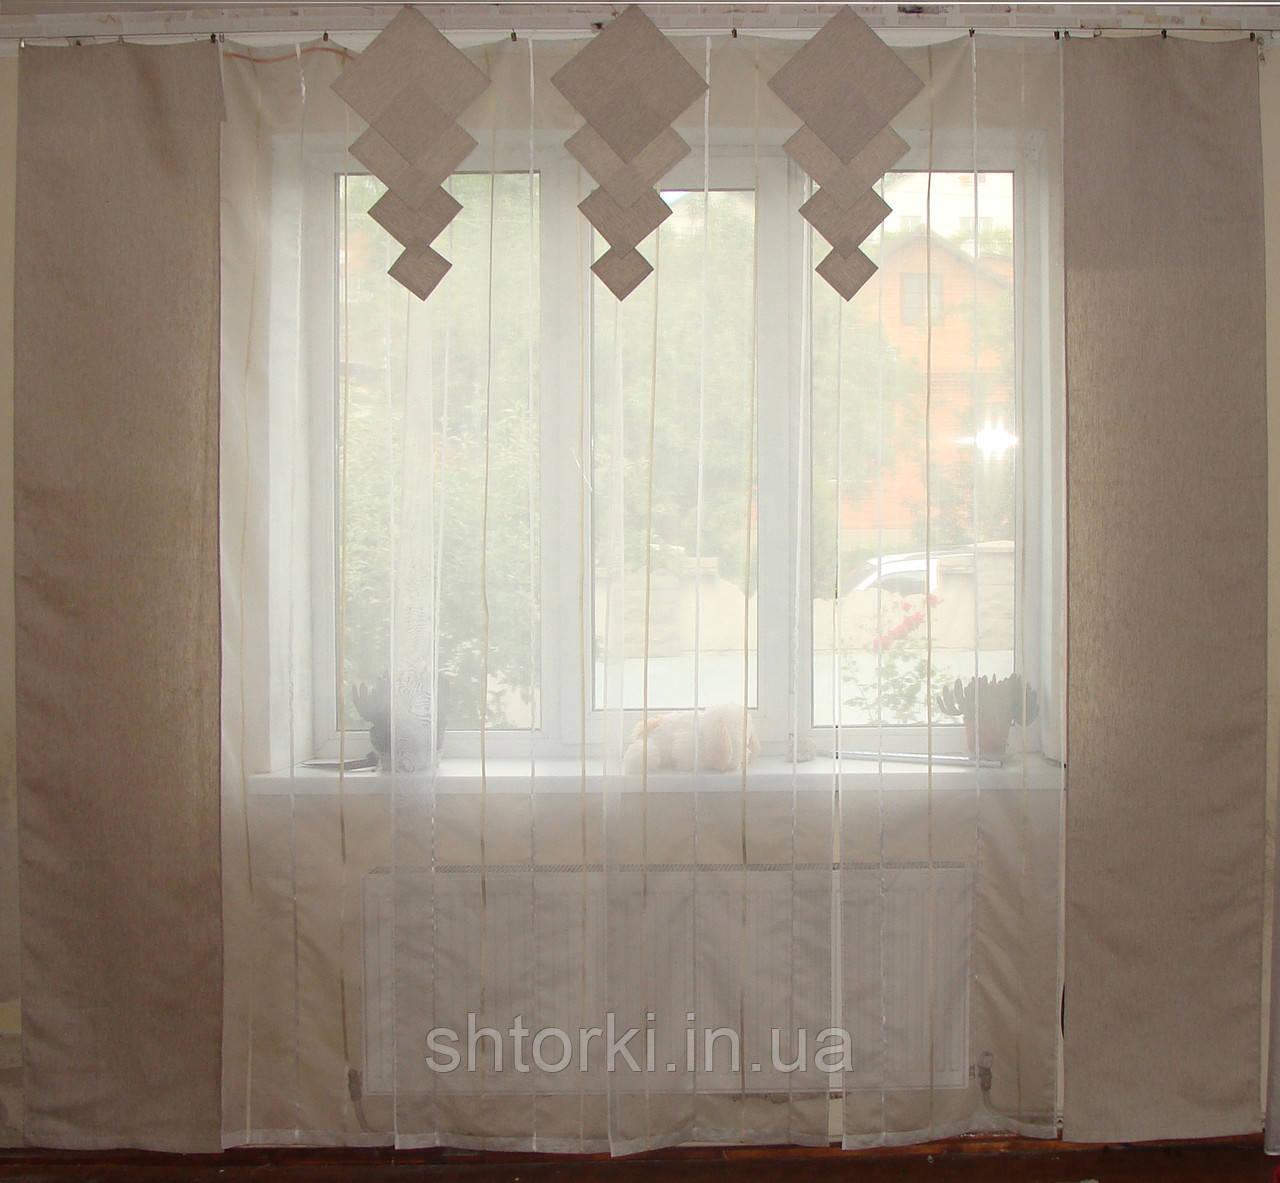 Комплект панельных шторок  нануралка молочная